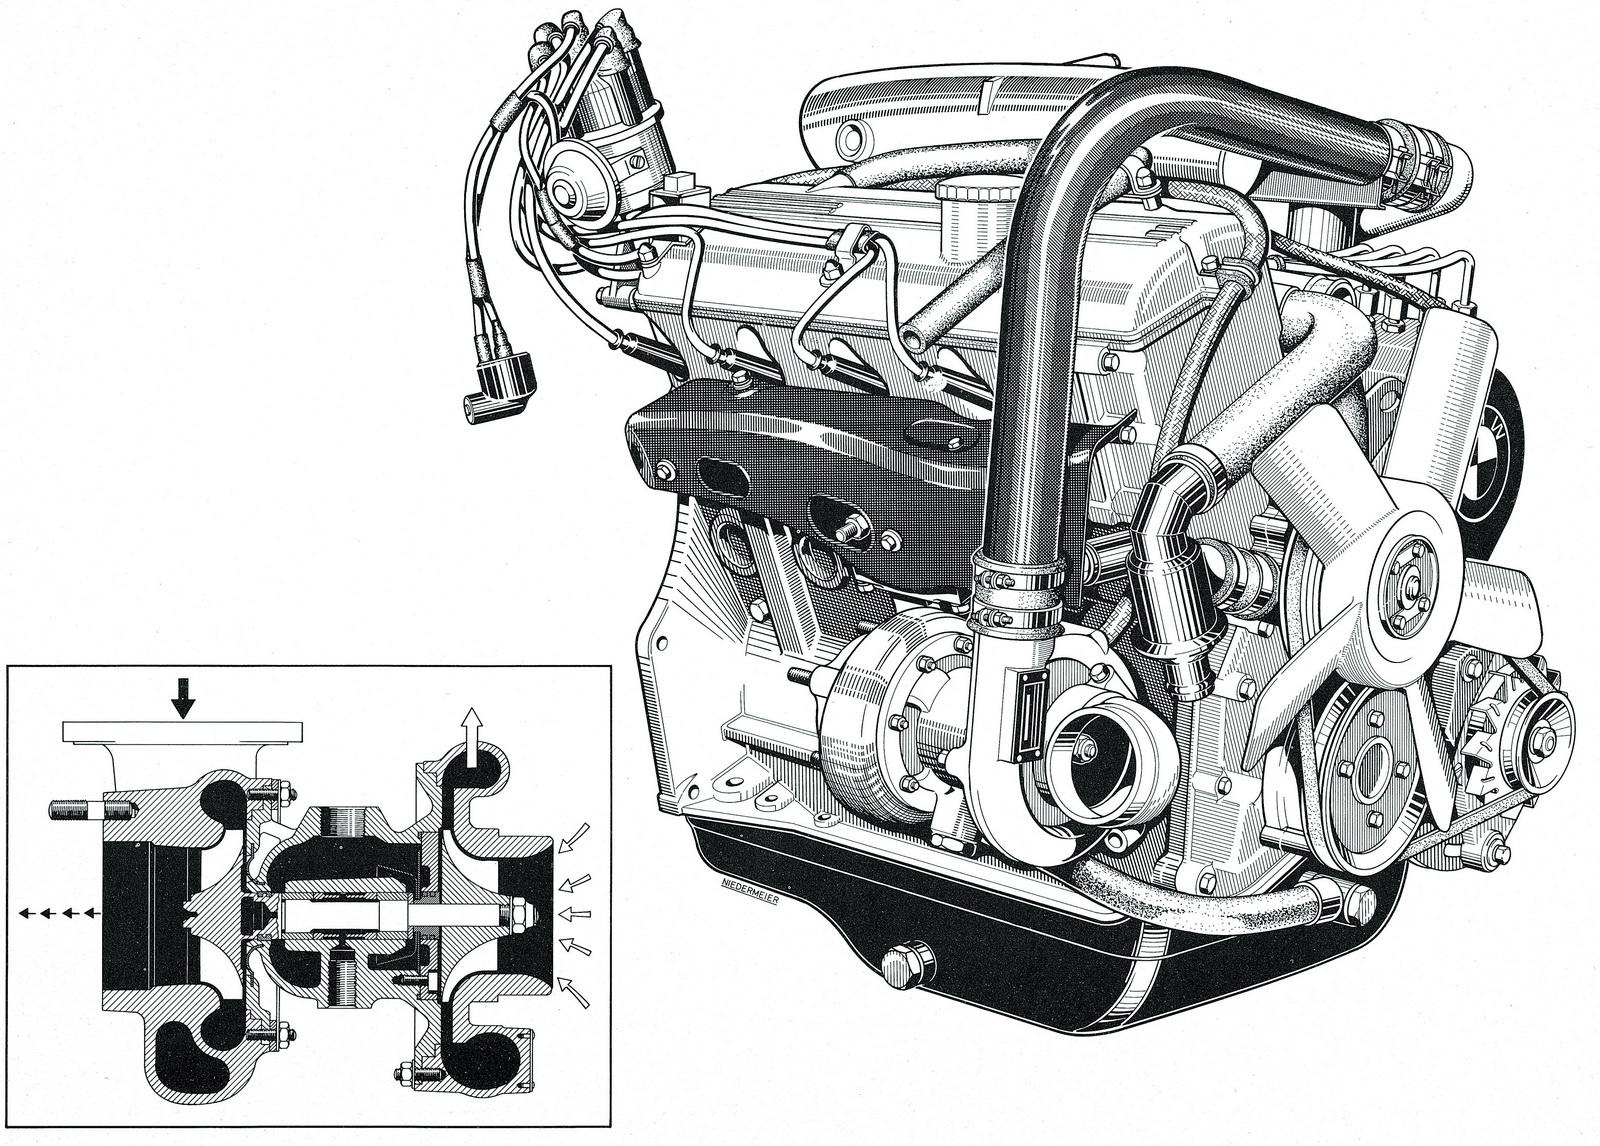 M31 คือเครื่องยนต์รถยุโรปรุ่นแรกที่ติดตั้งเทอร์โบจำหน่ายให้คนทั่วไป